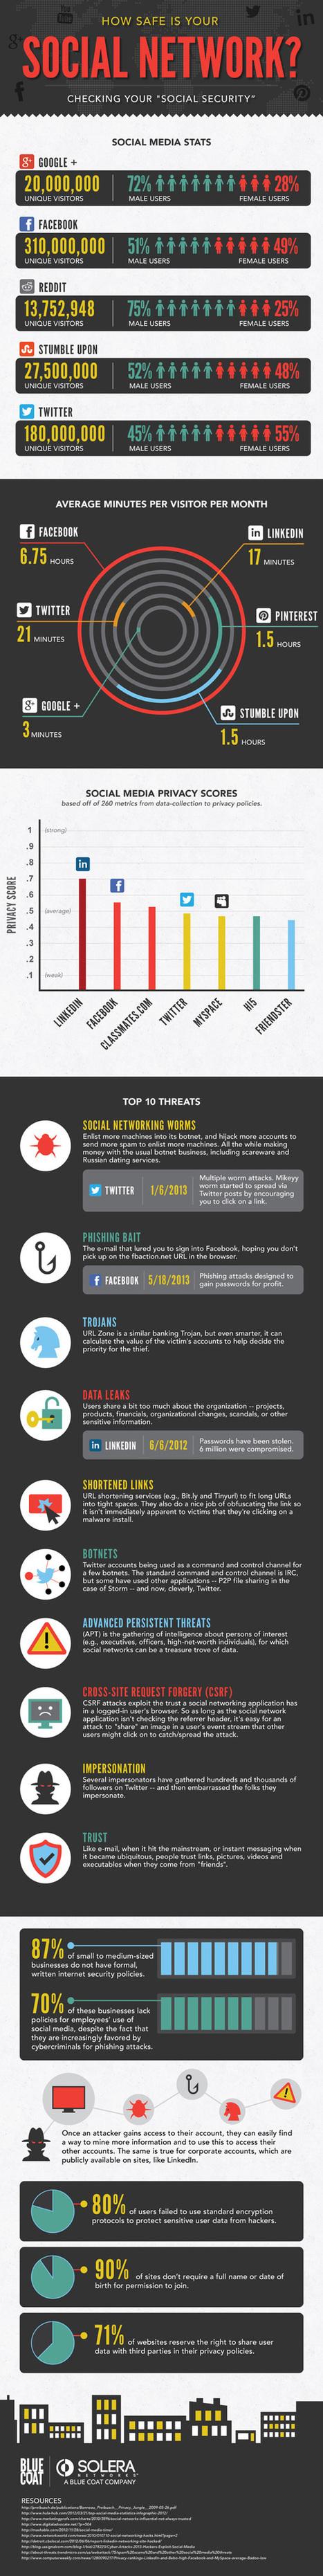 ¿Son las redes sociales totalmente seguras? | Recursos. TICs y educación | Scoop.it